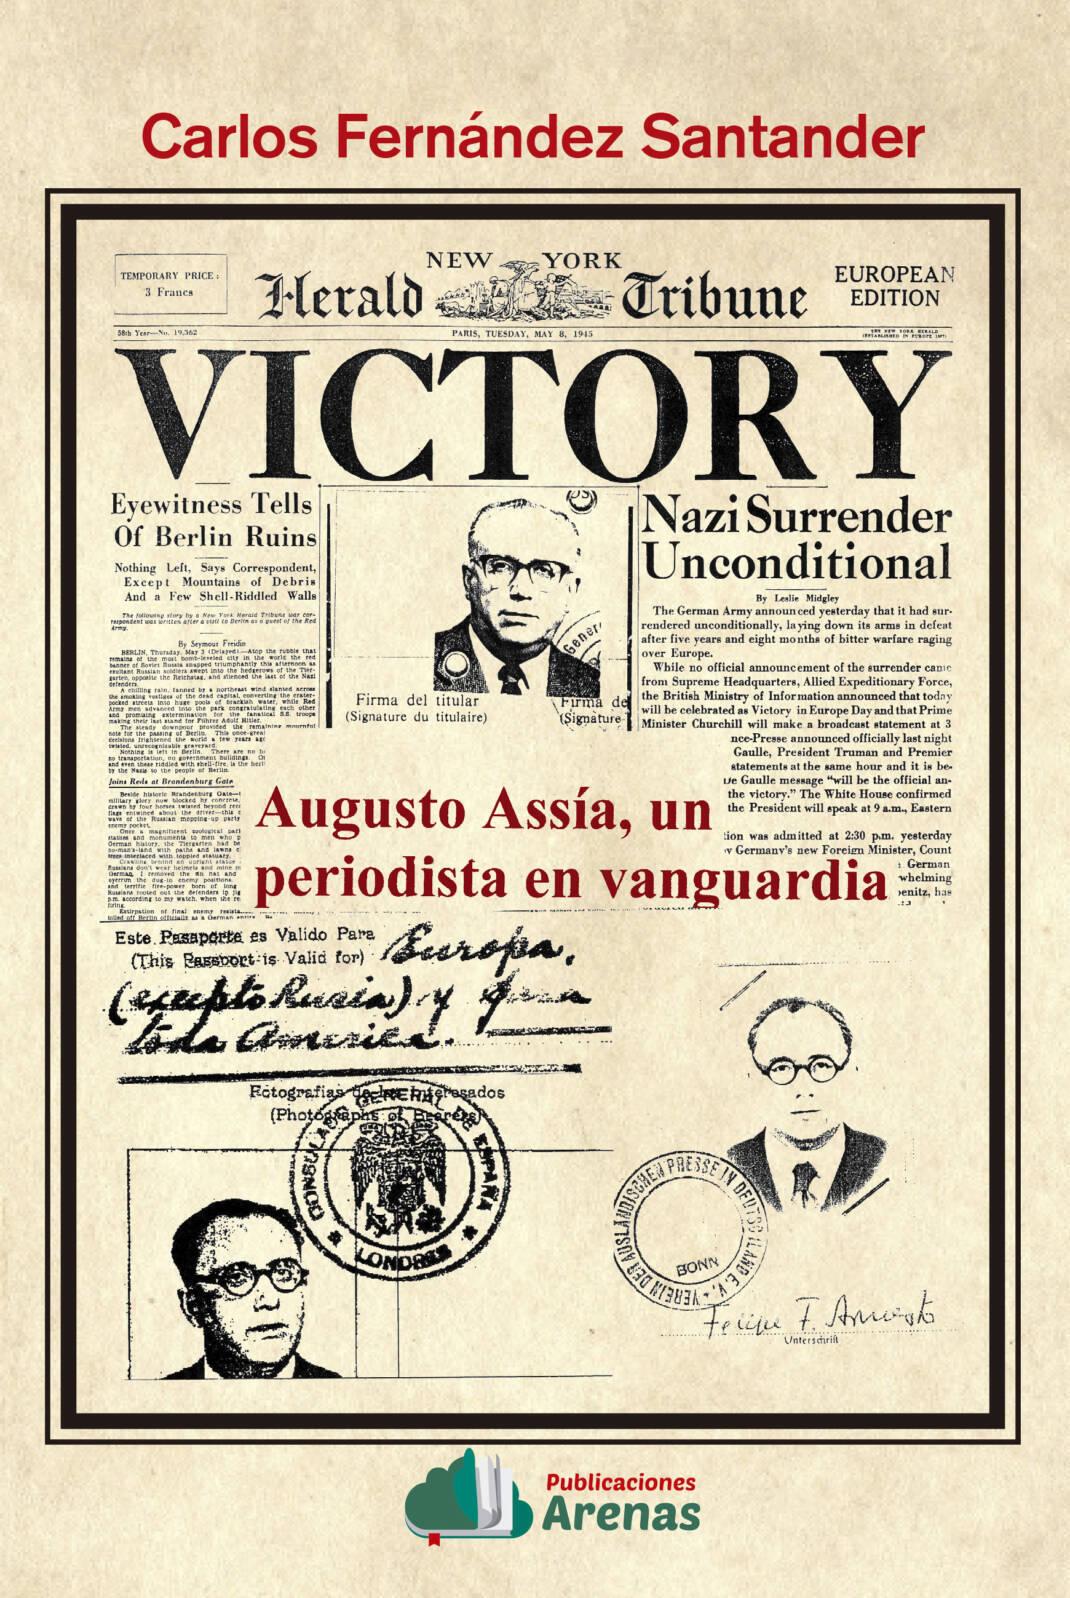 Portada-Biografia-Augusto-Assia-v-e1618611443957.jpg